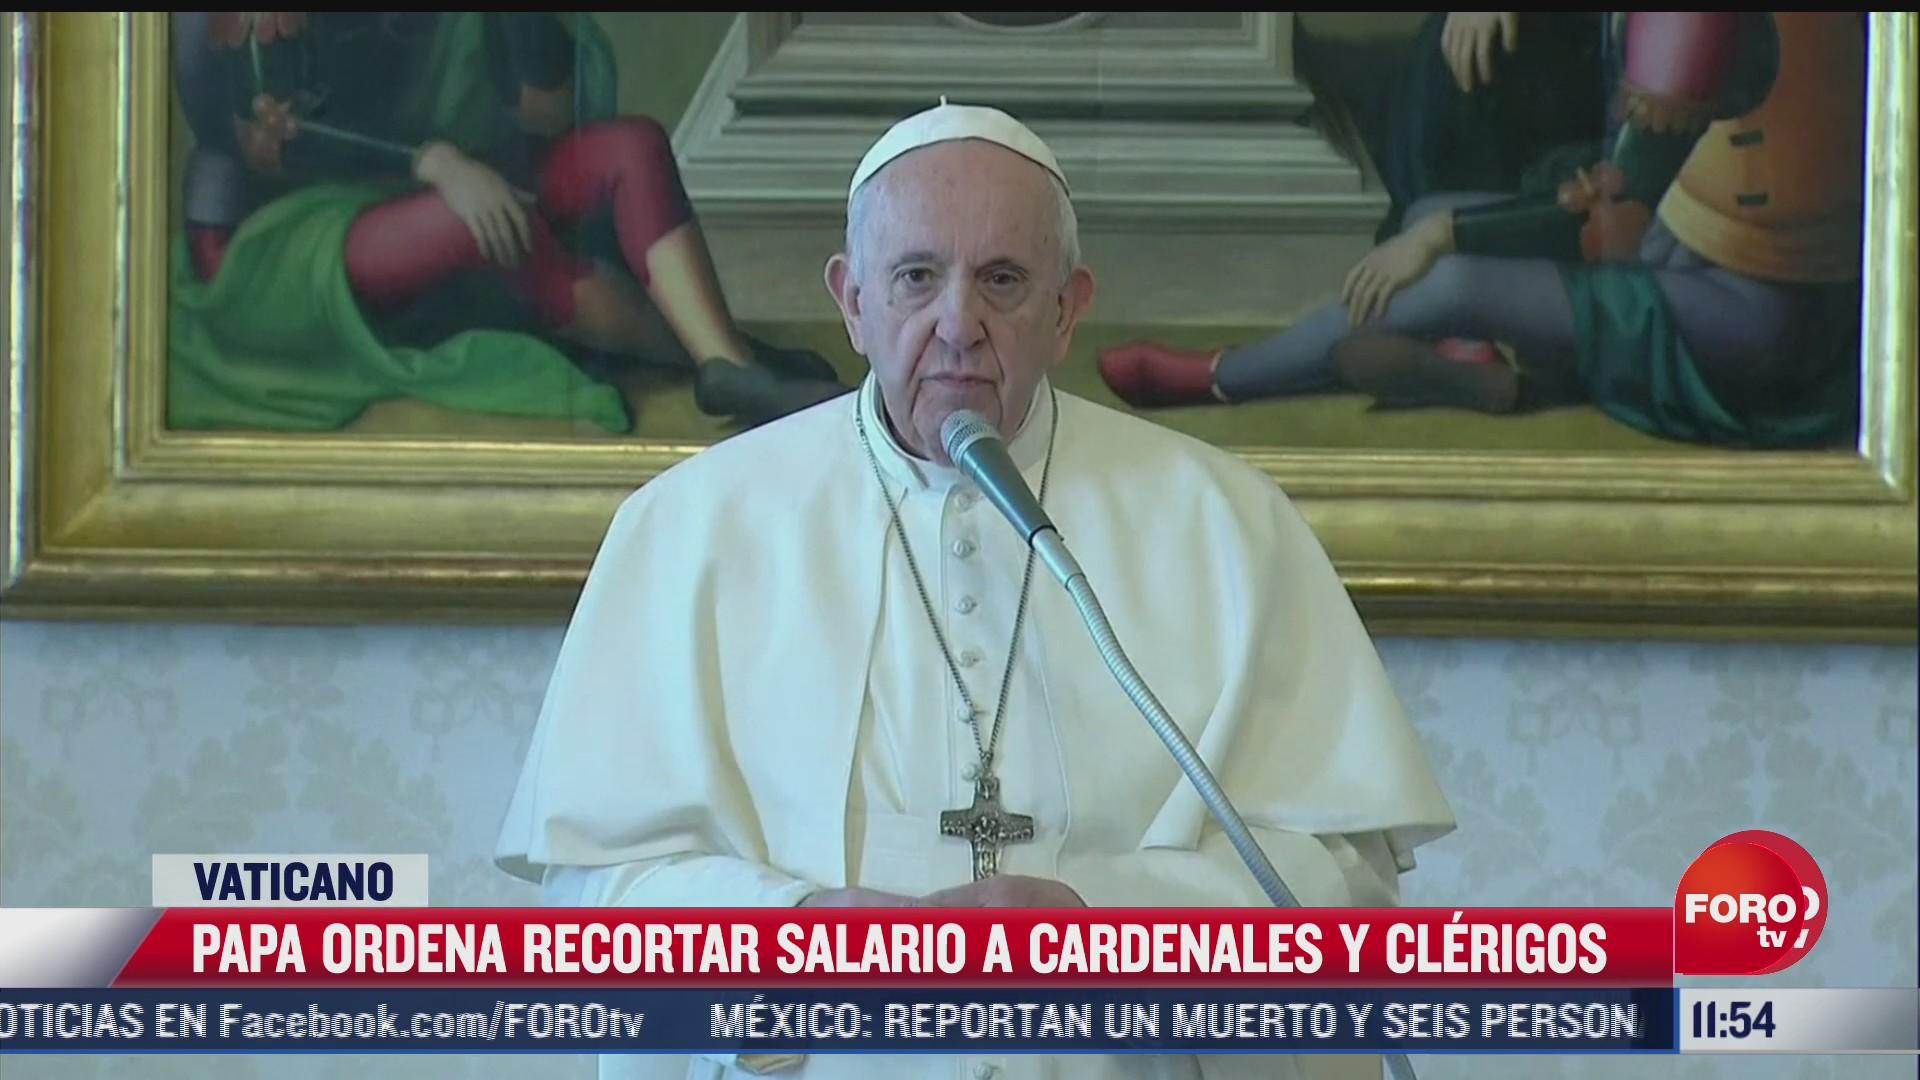 papa ordena recortar salario a cardenales en